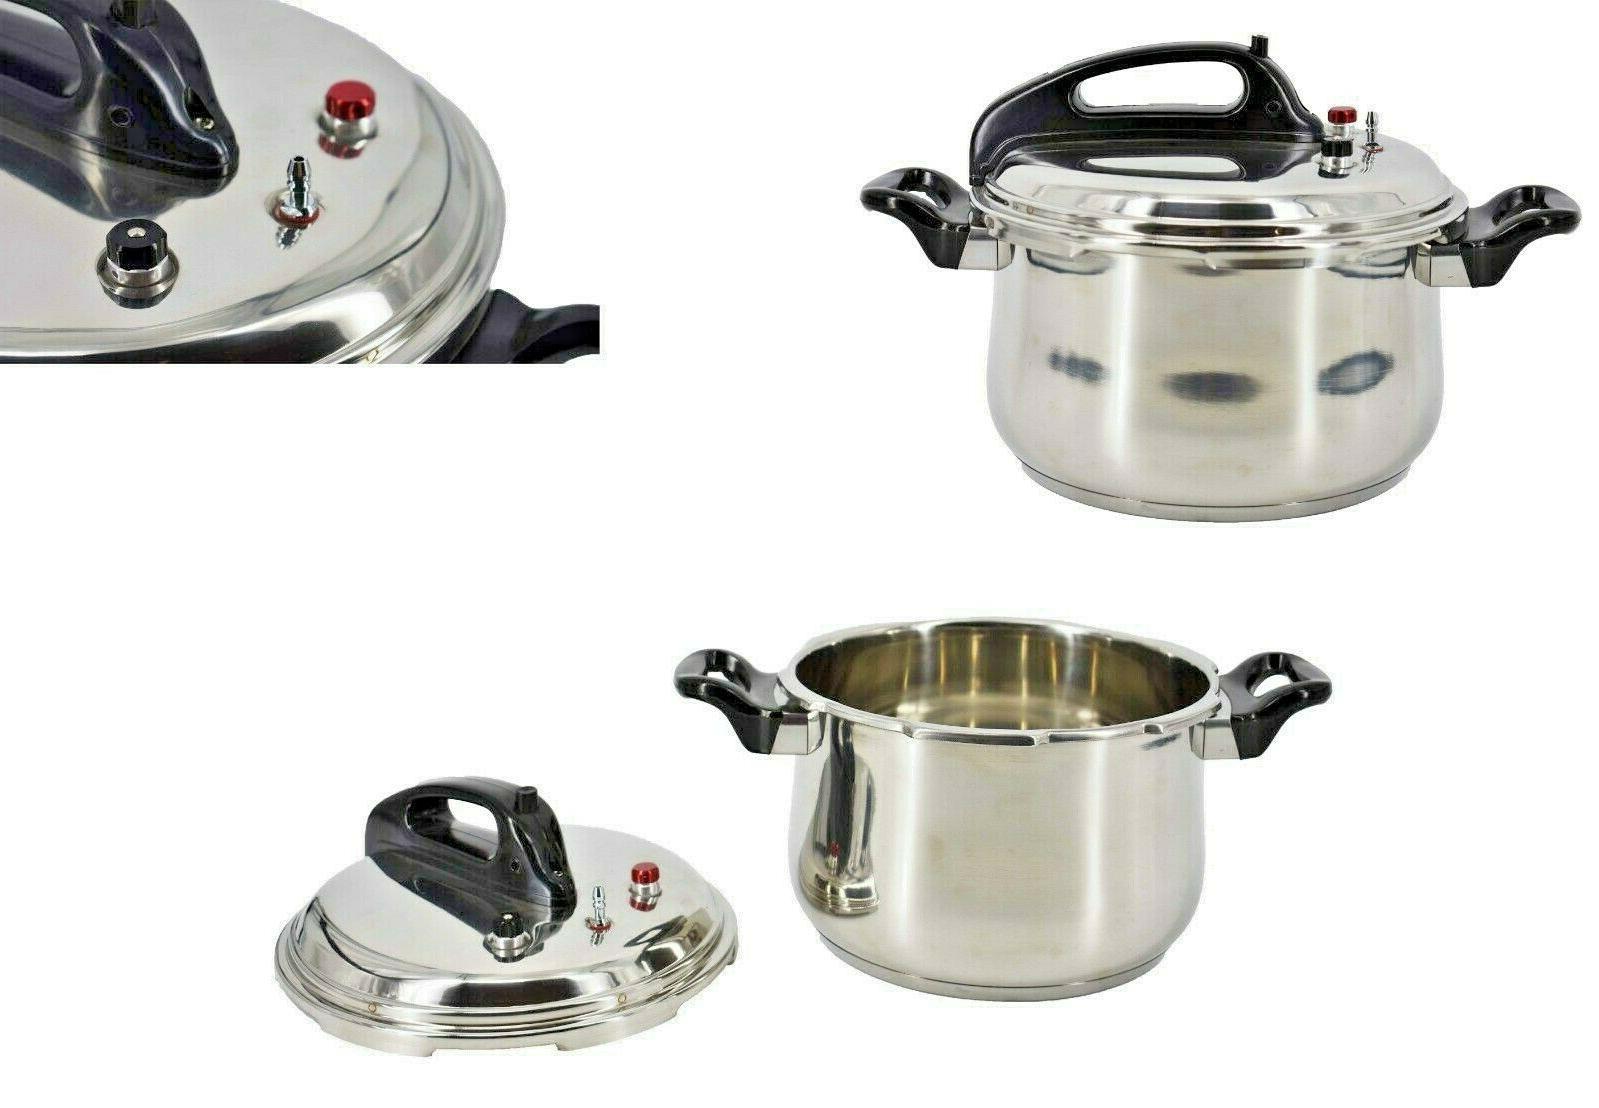 Uniware Pressure Cooker 6 Silver